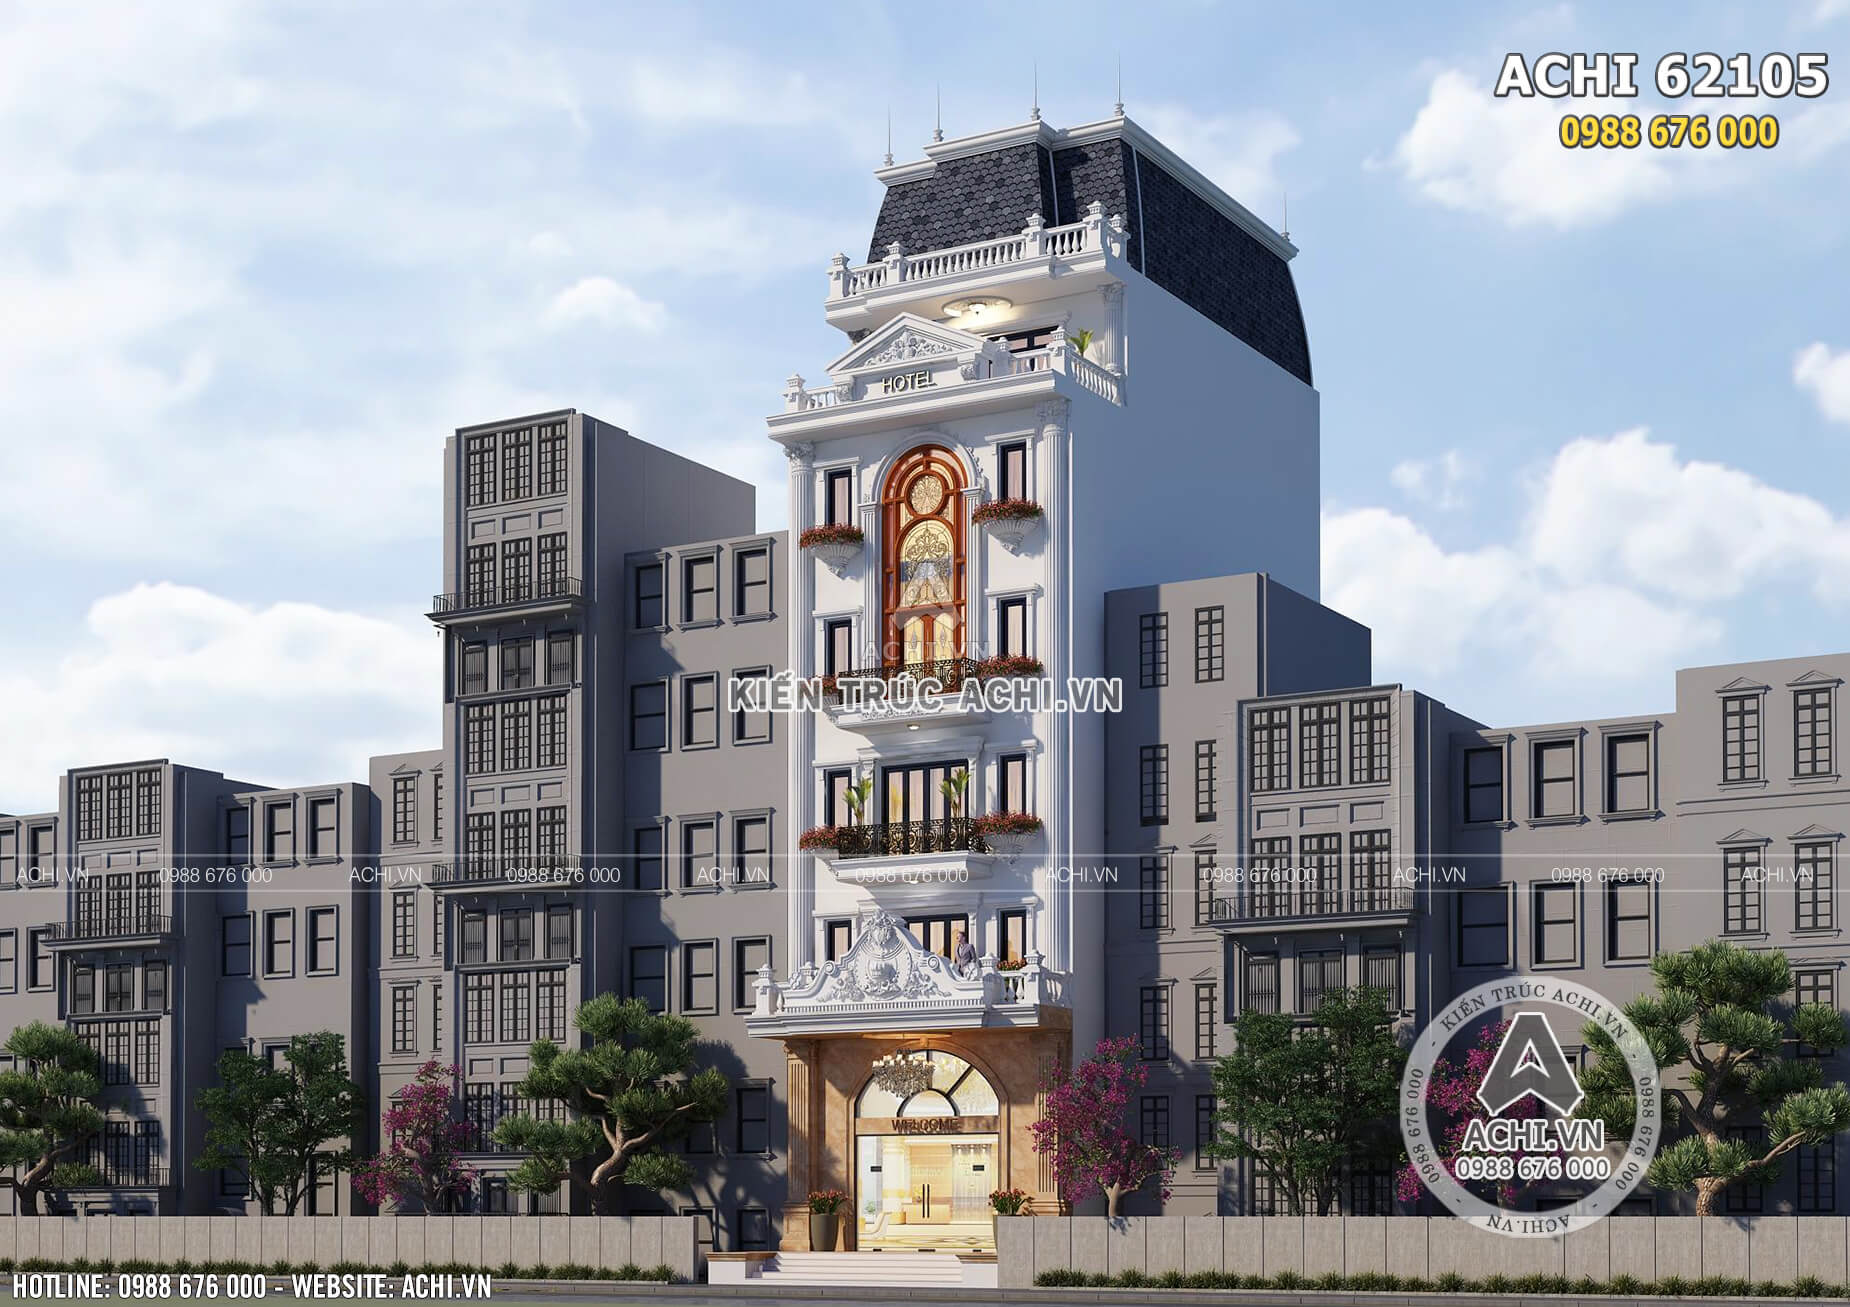 Mẫu thiết kế khách sạn nhà lô phố tân cổ điển 6 tầng đẹp - ACHI 62105